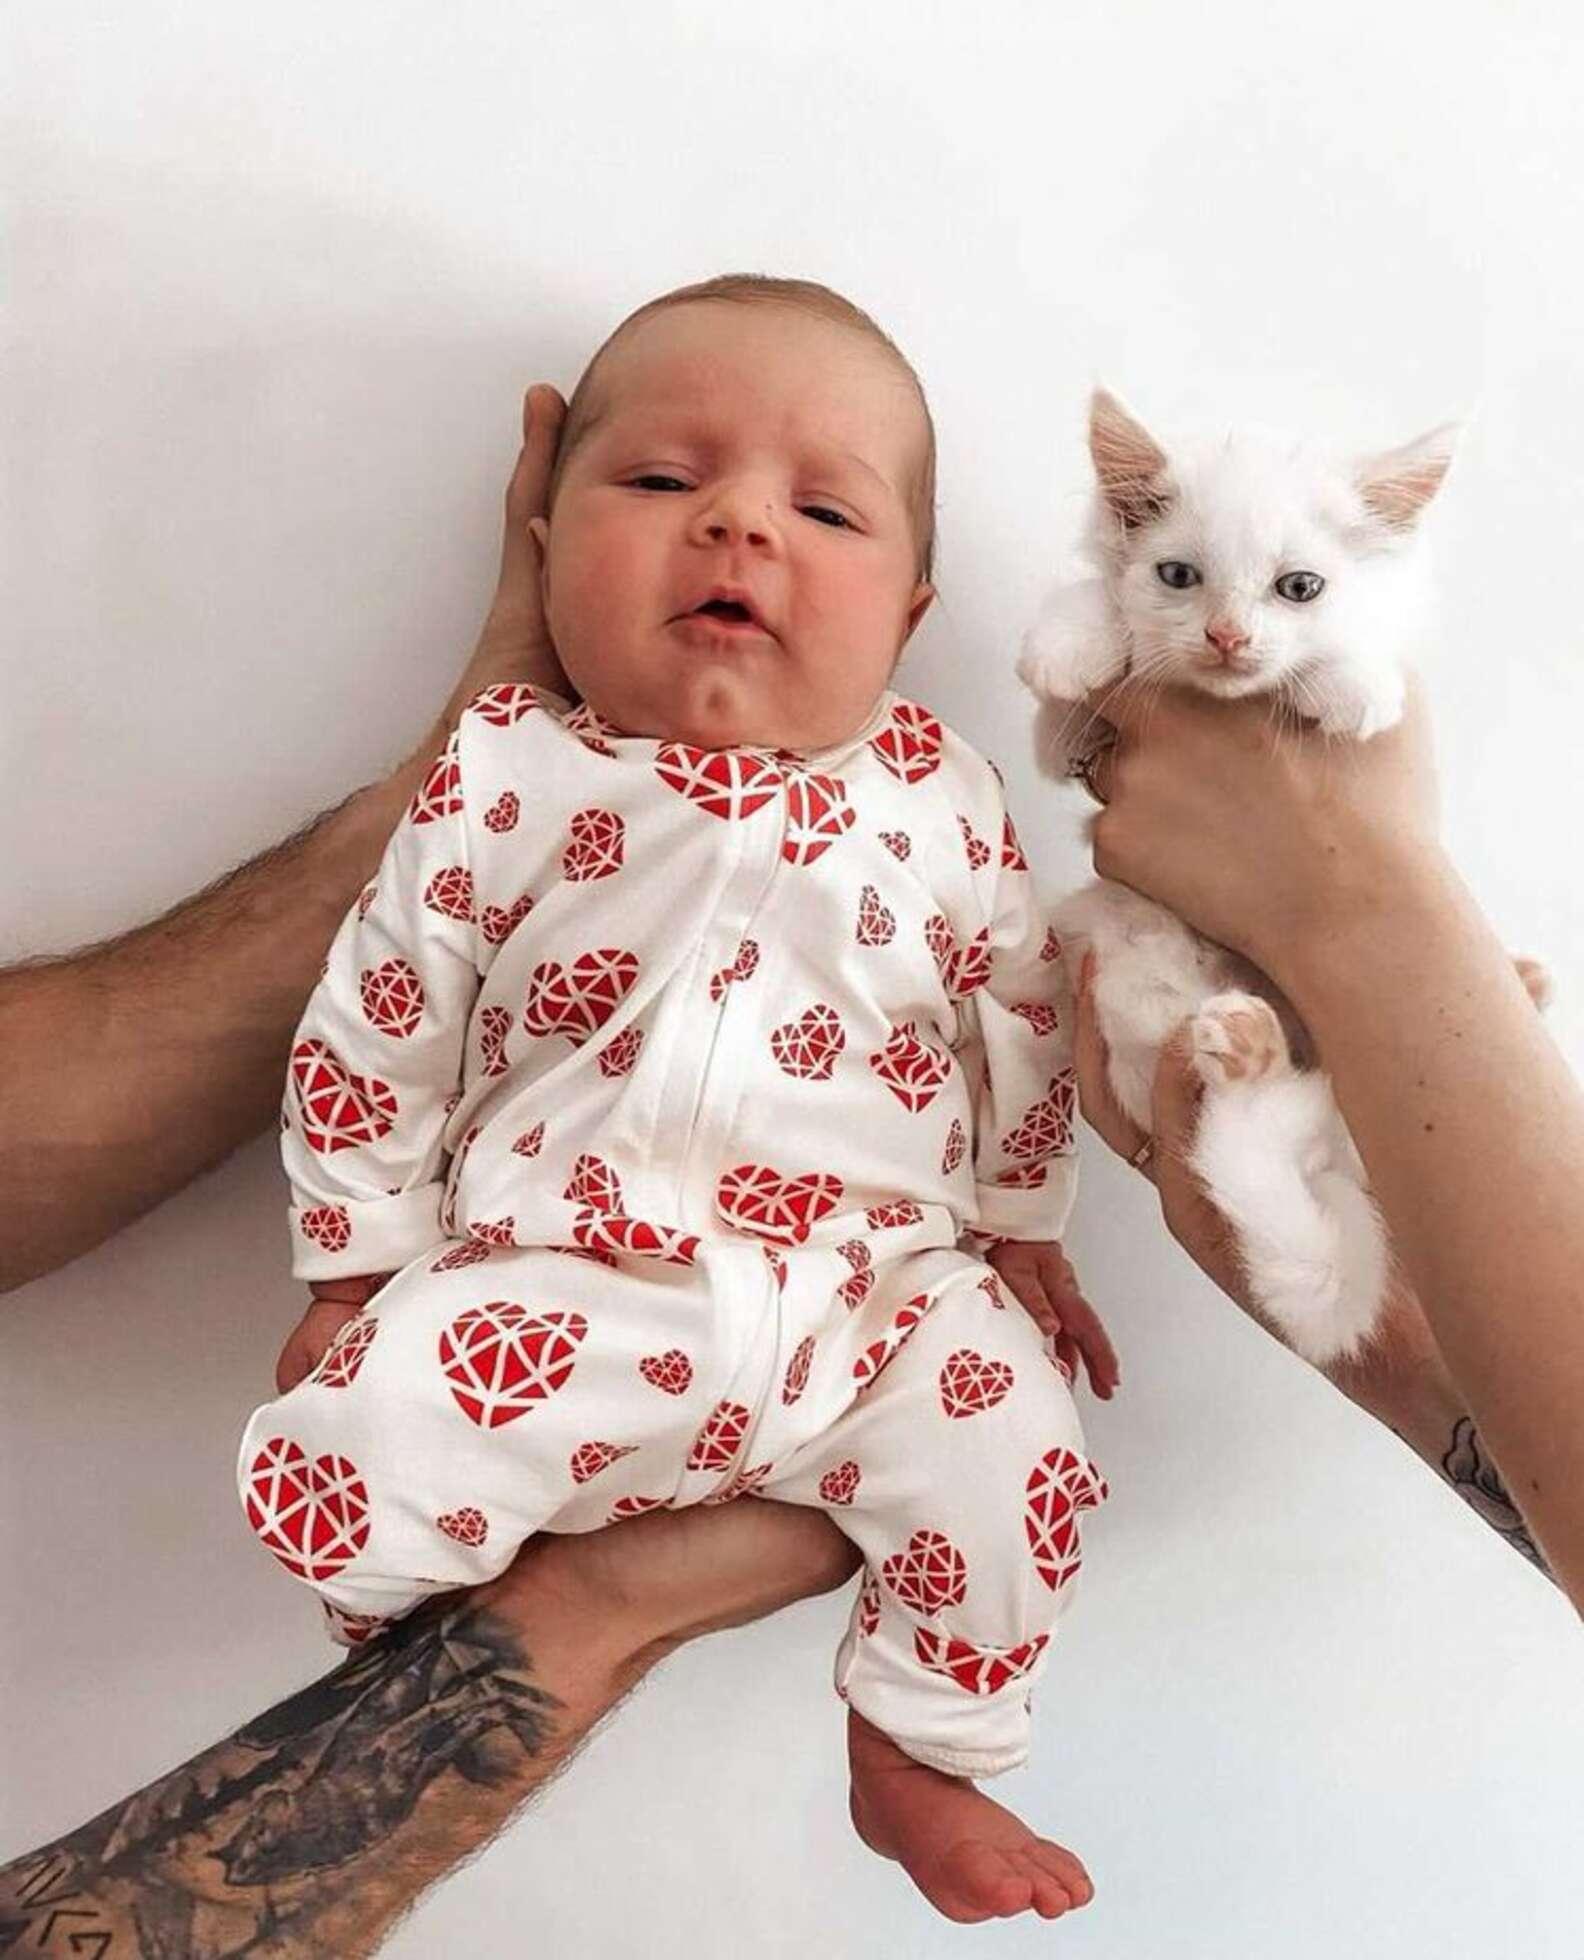 Bebé humano y gatito